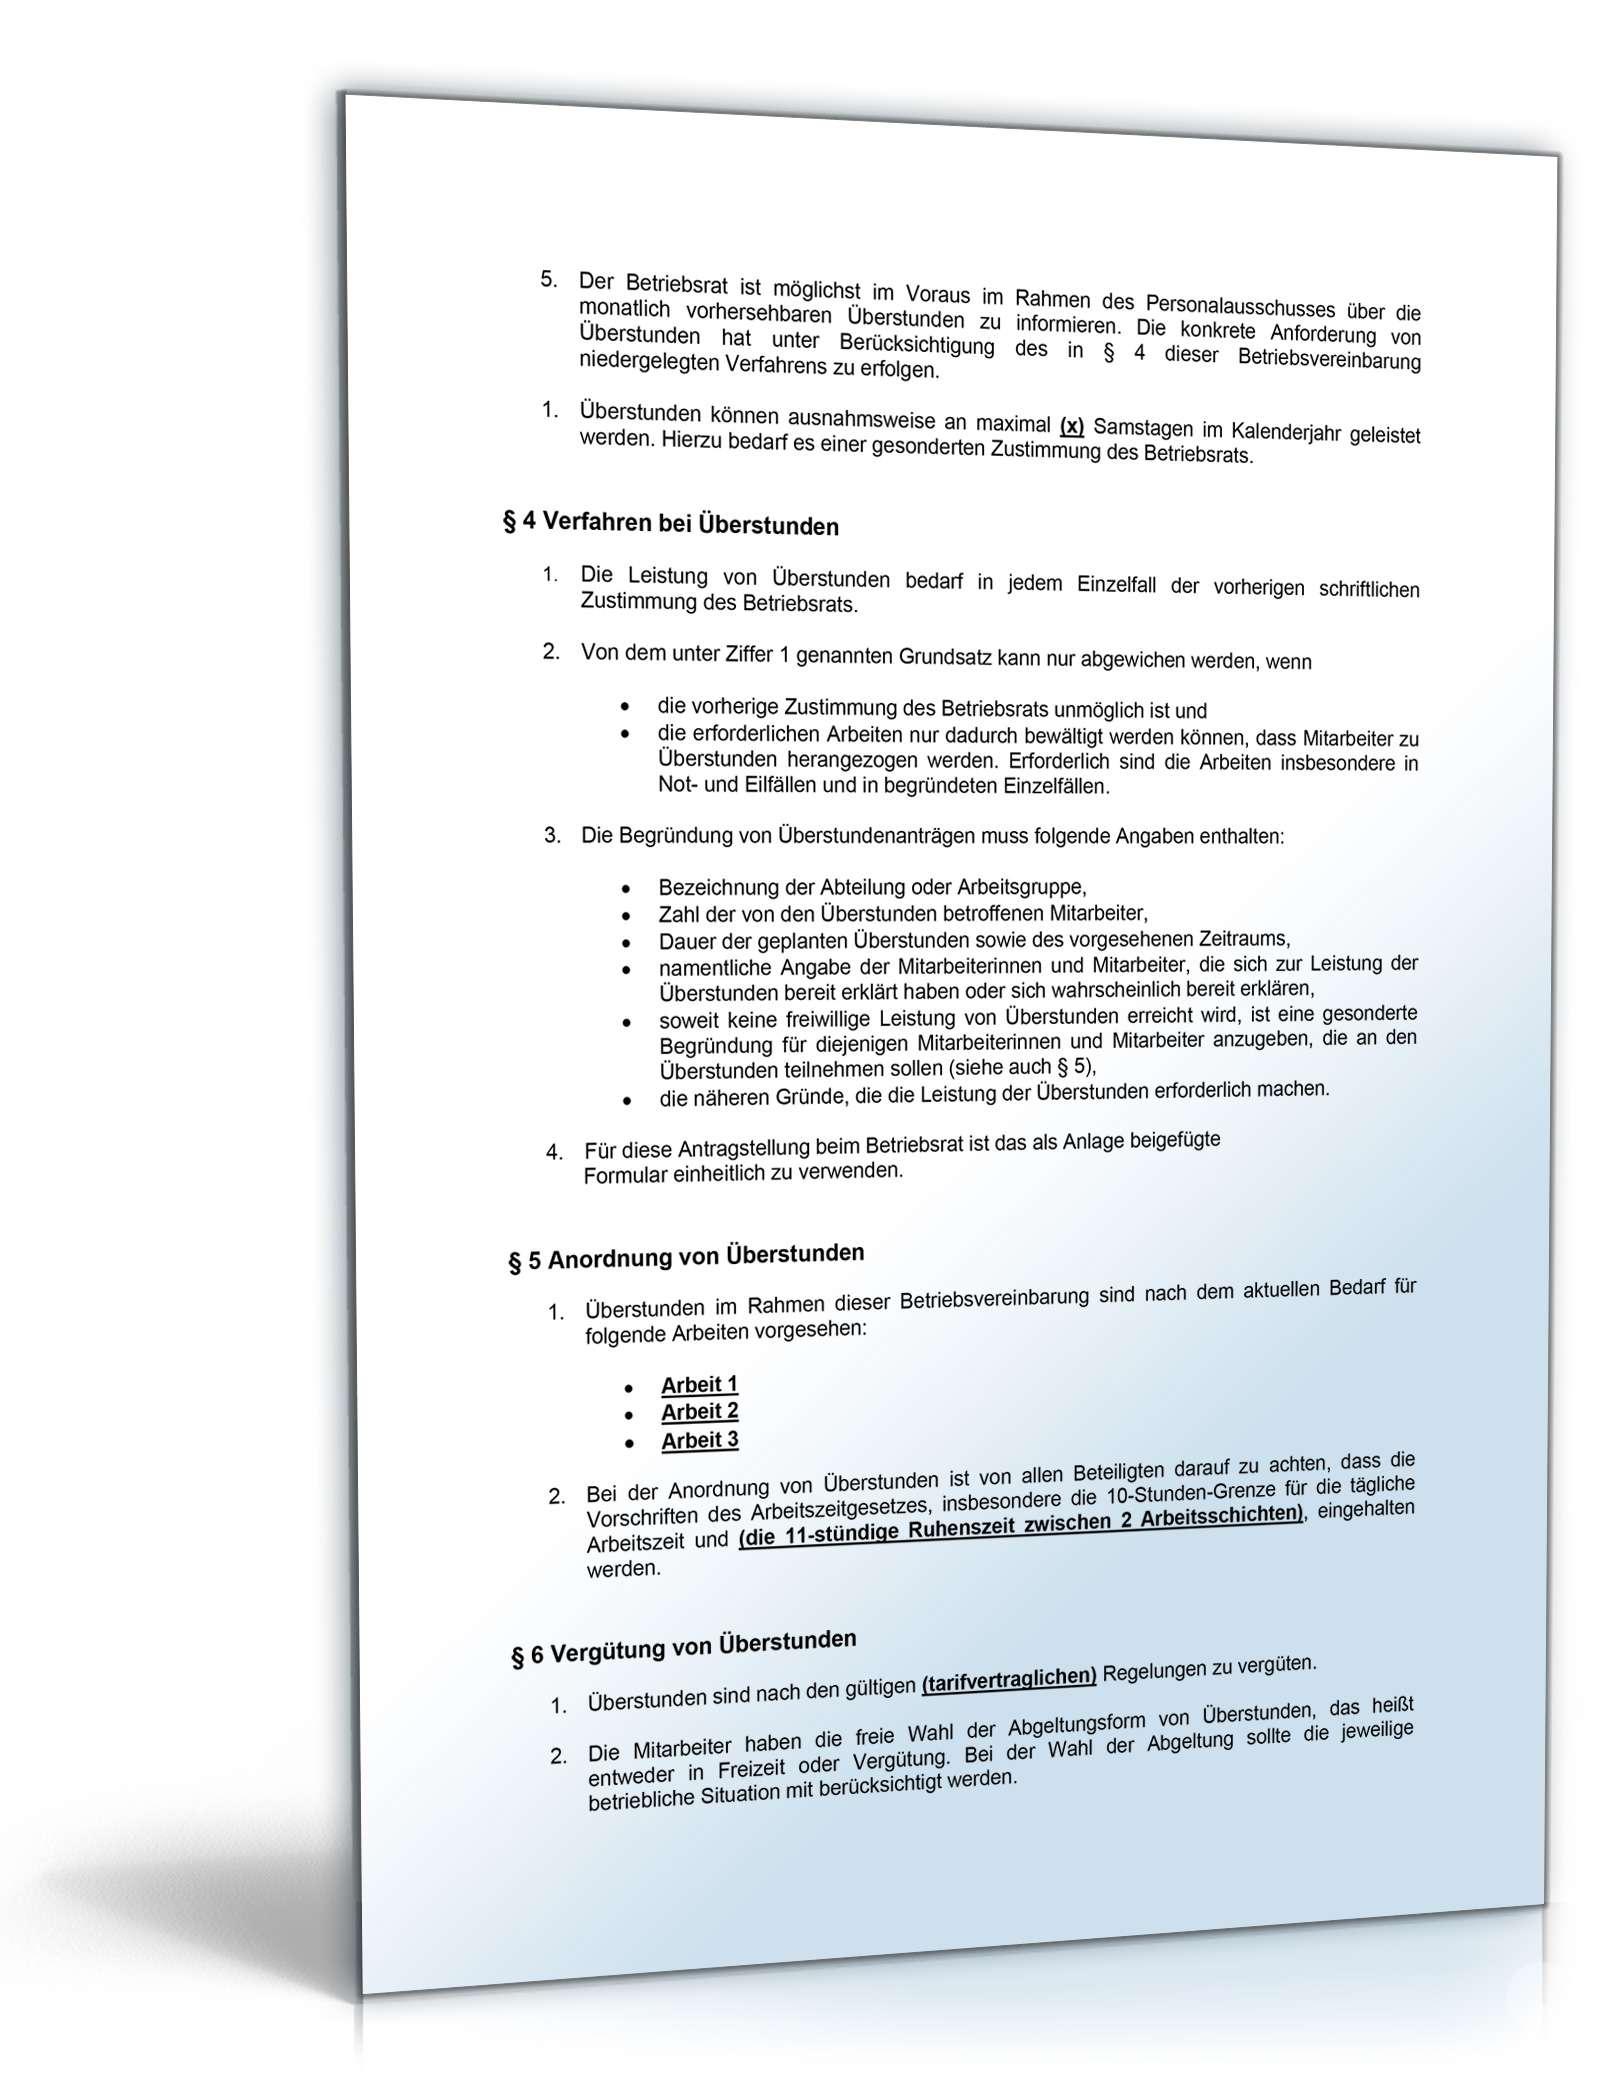 Schön Voraus Richtlinie Formular Ideen - Bilder für das Lebenslauf ...